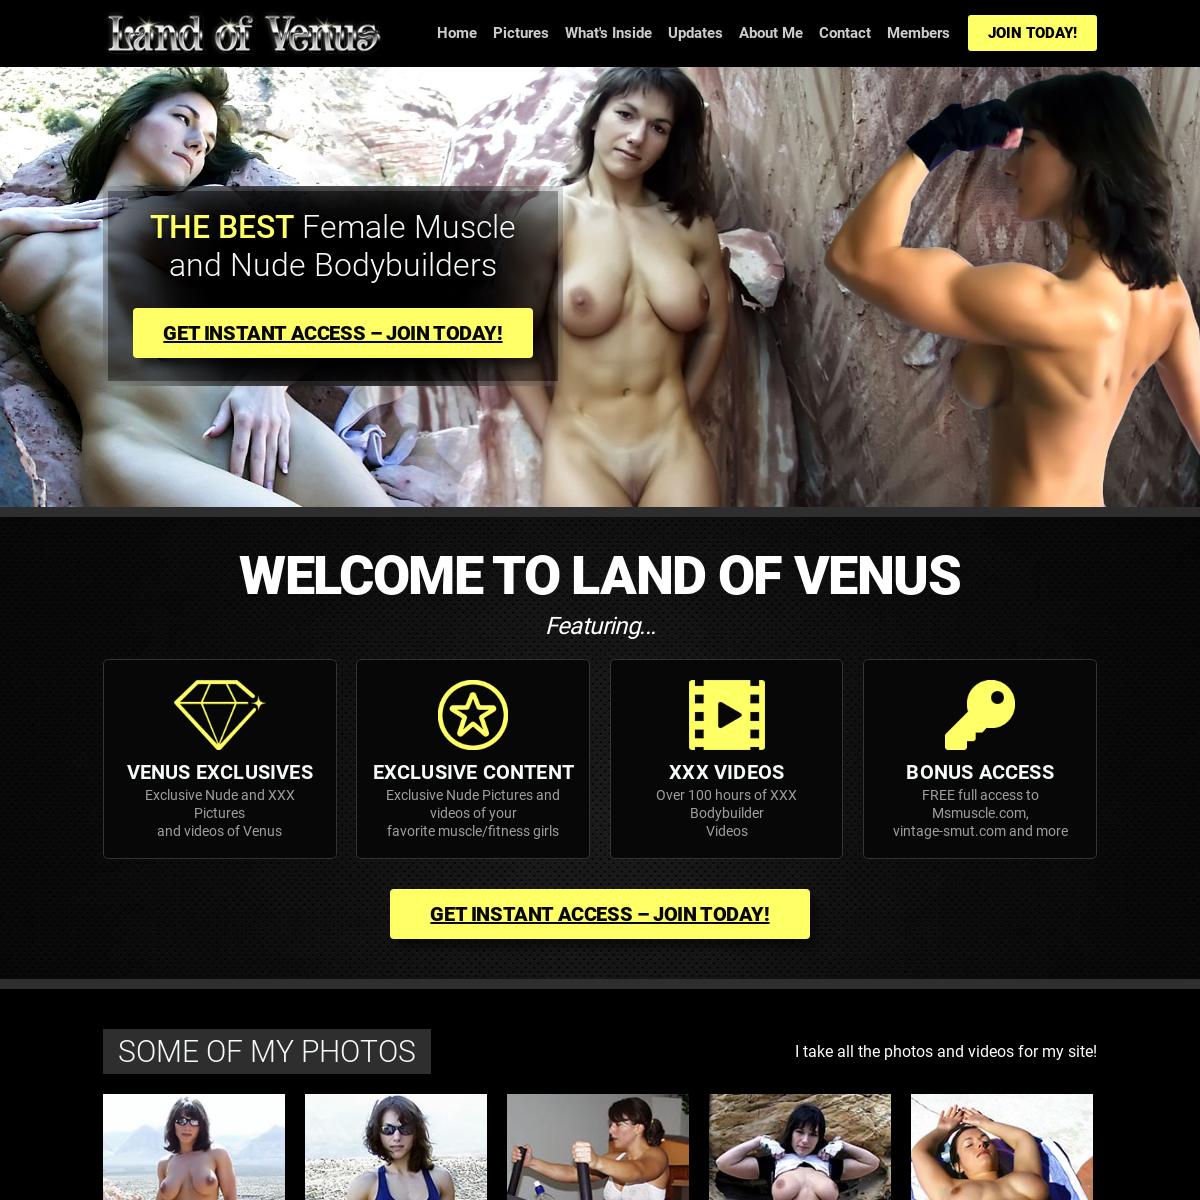 A complete backup of www.landofvenus.com